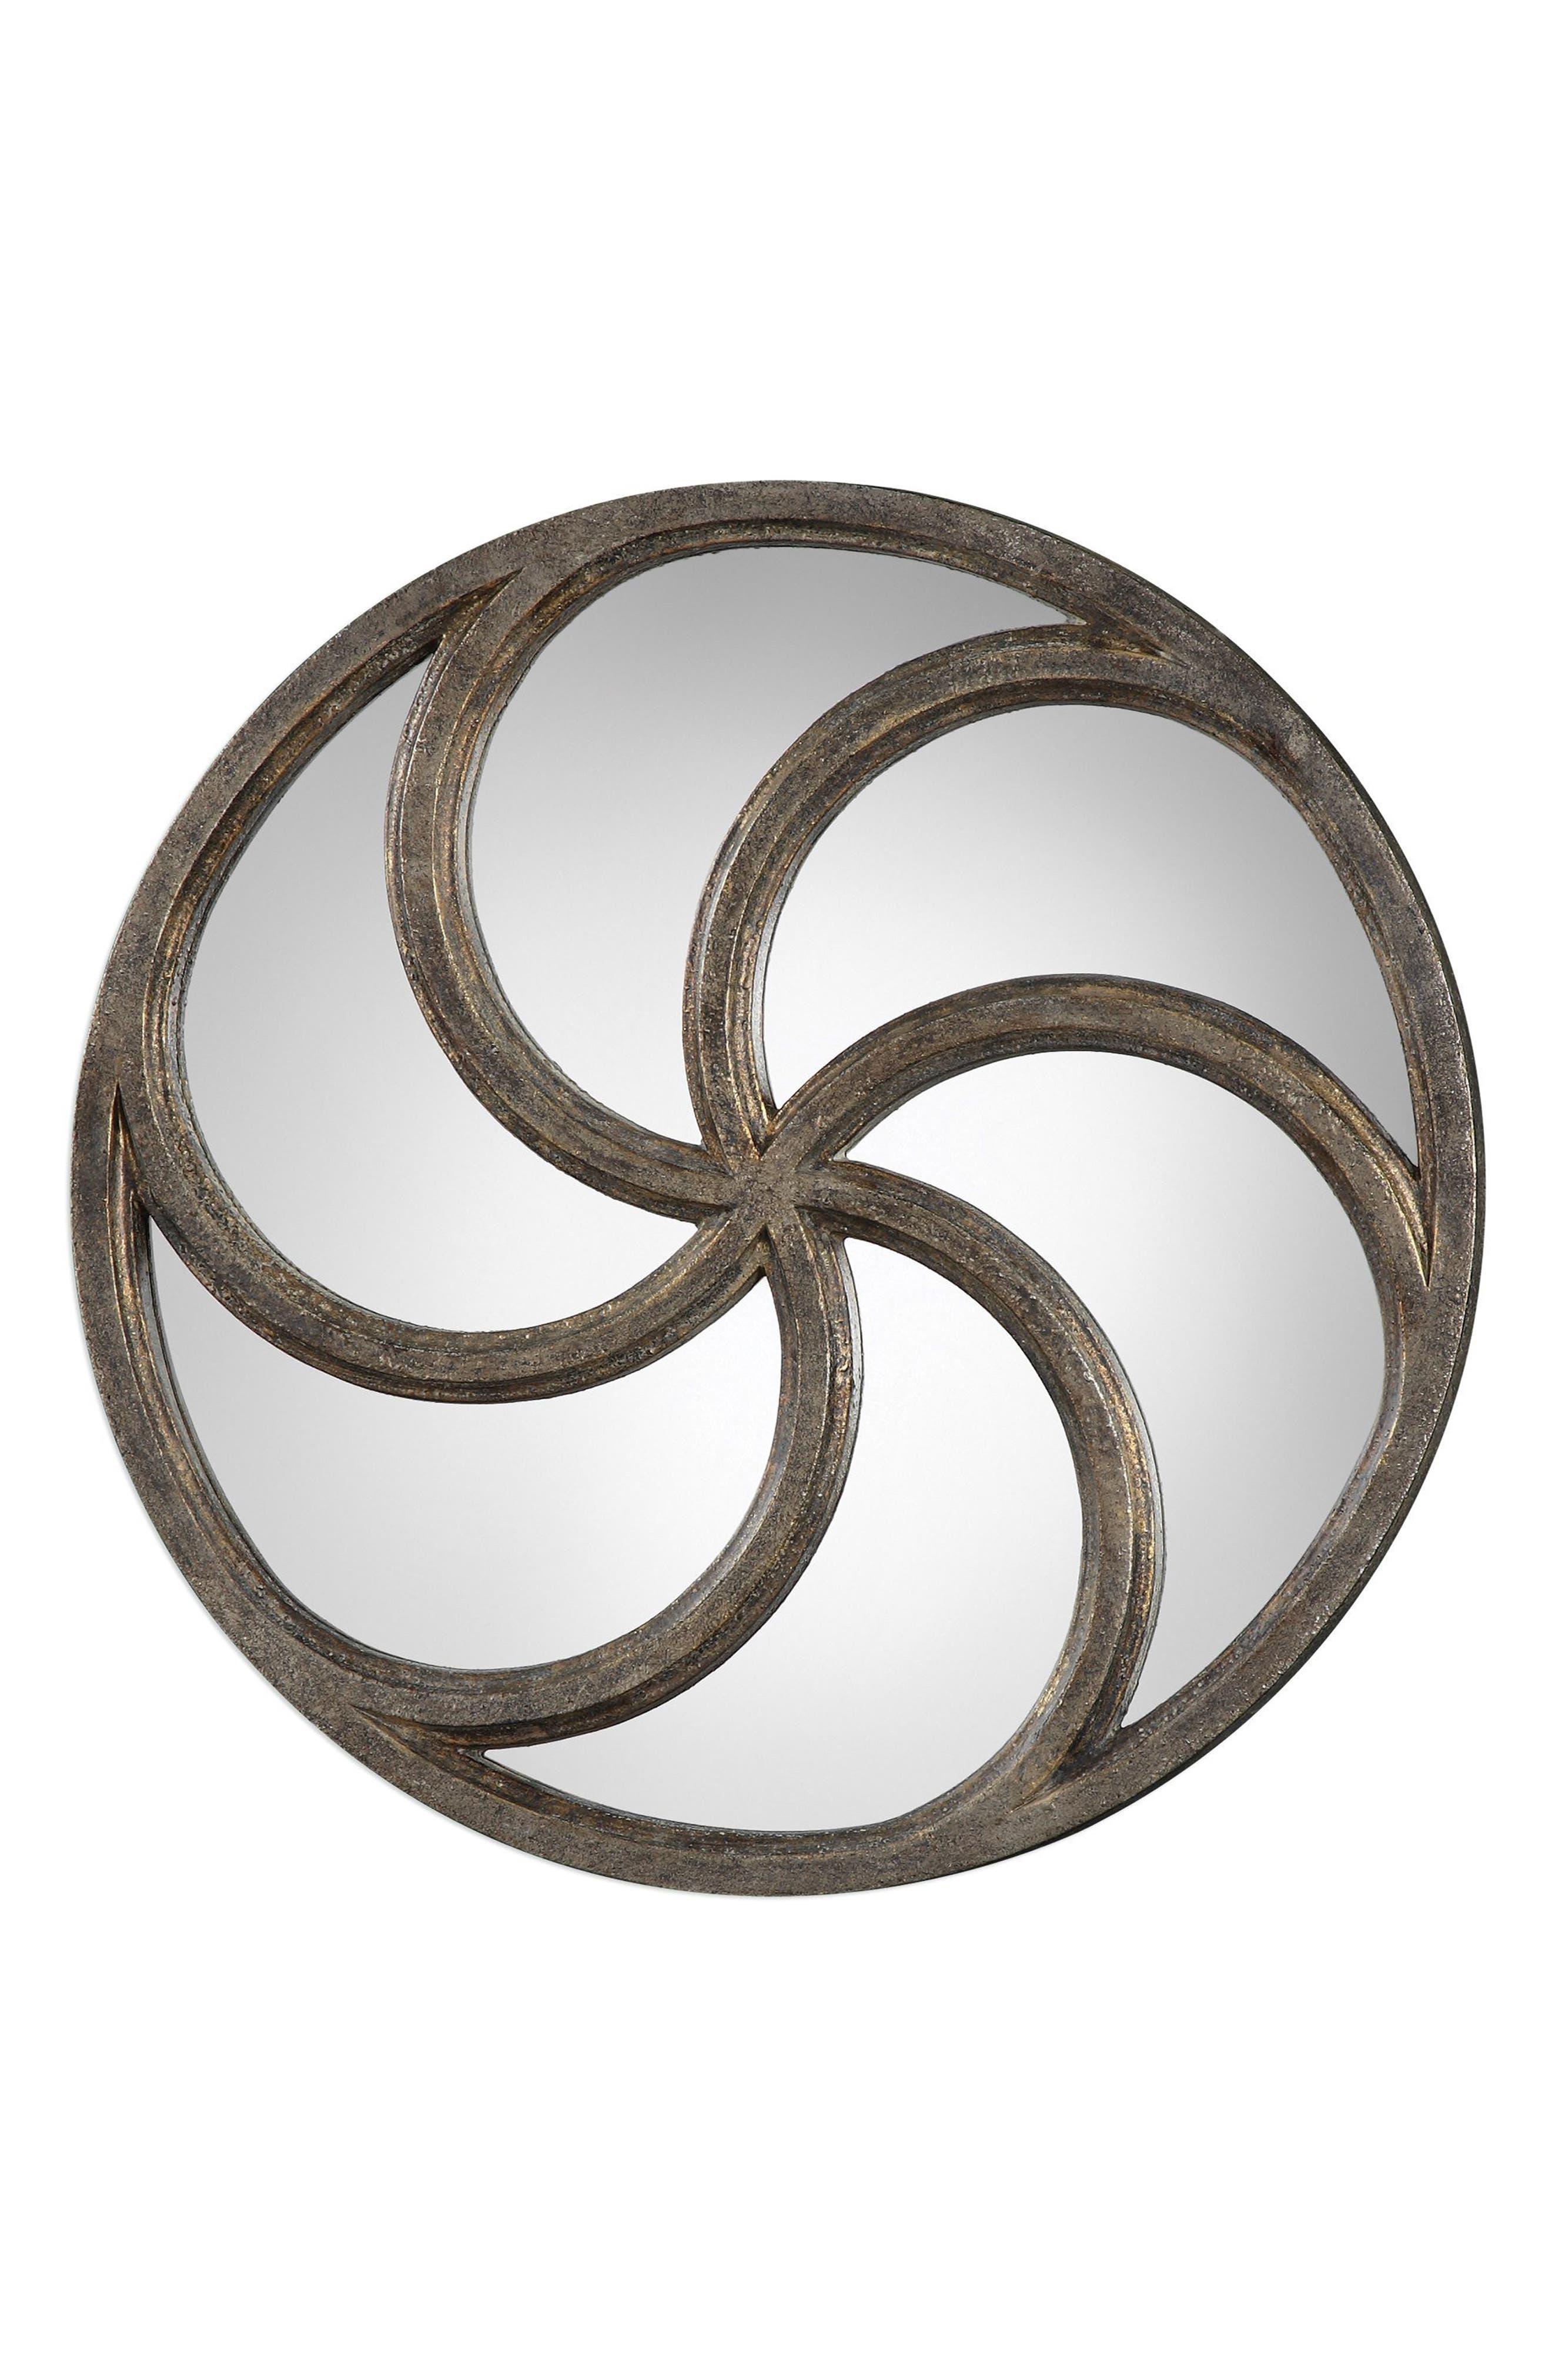 Spiralis Wall Mirror,                             Main thumbnail 1, color,                             Grey